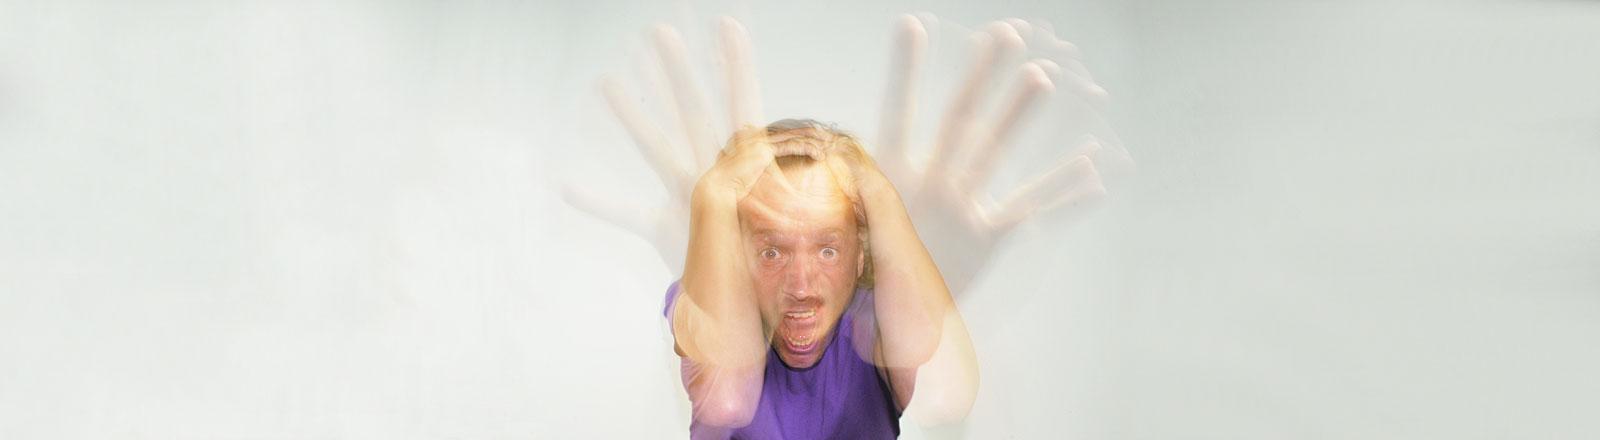 Ein Mann mit aufgerissenen Augen und offenem Mund fuchtelt mit den Händen herum.